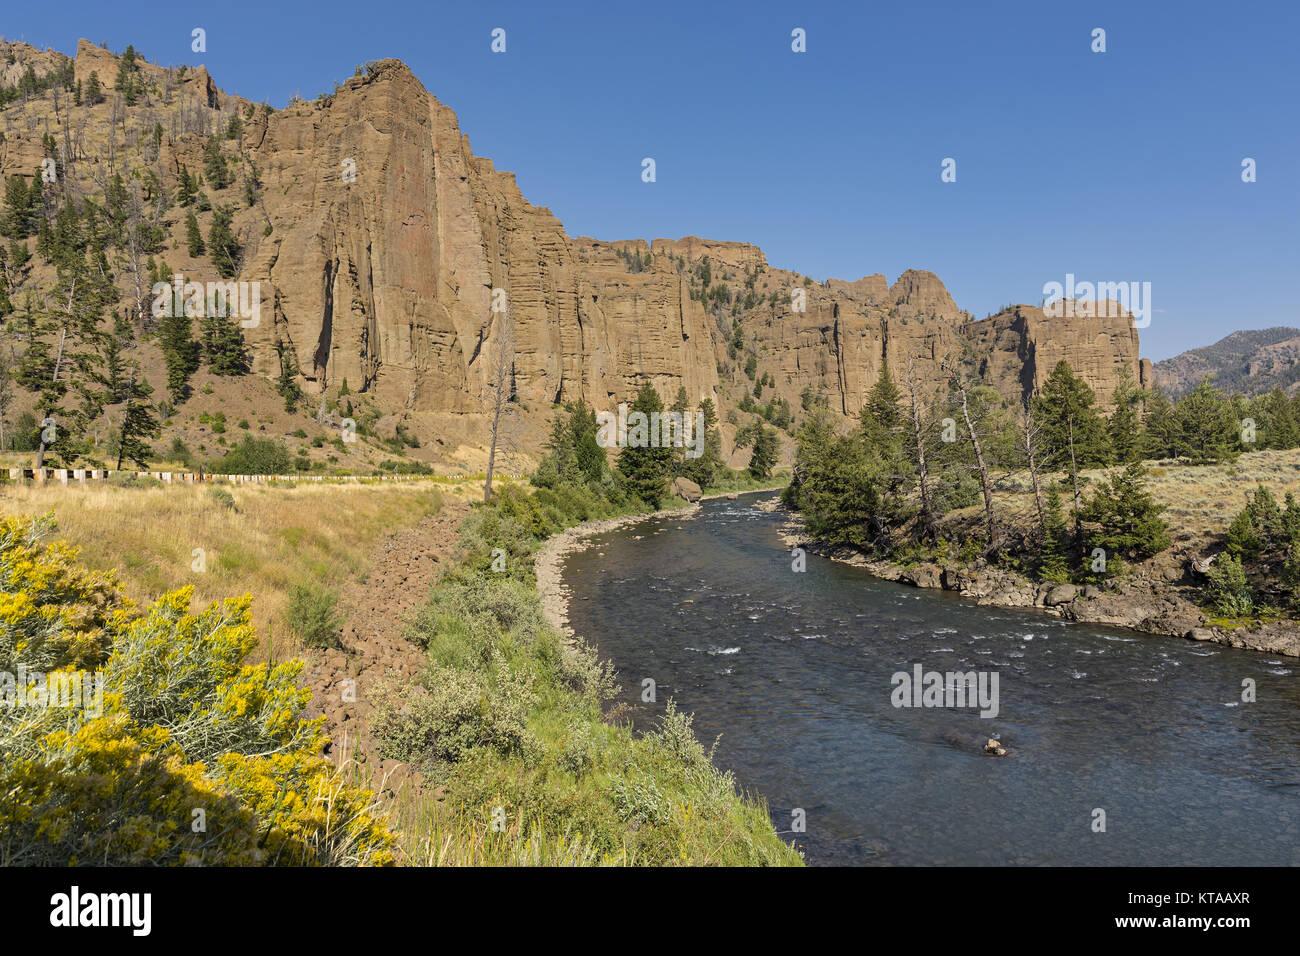 Acantilados de roca roja en el North Fork del Río Shoshone al este del Parque Nacional de Yellowstone, cerca de Cody Wyoming Foto de stock